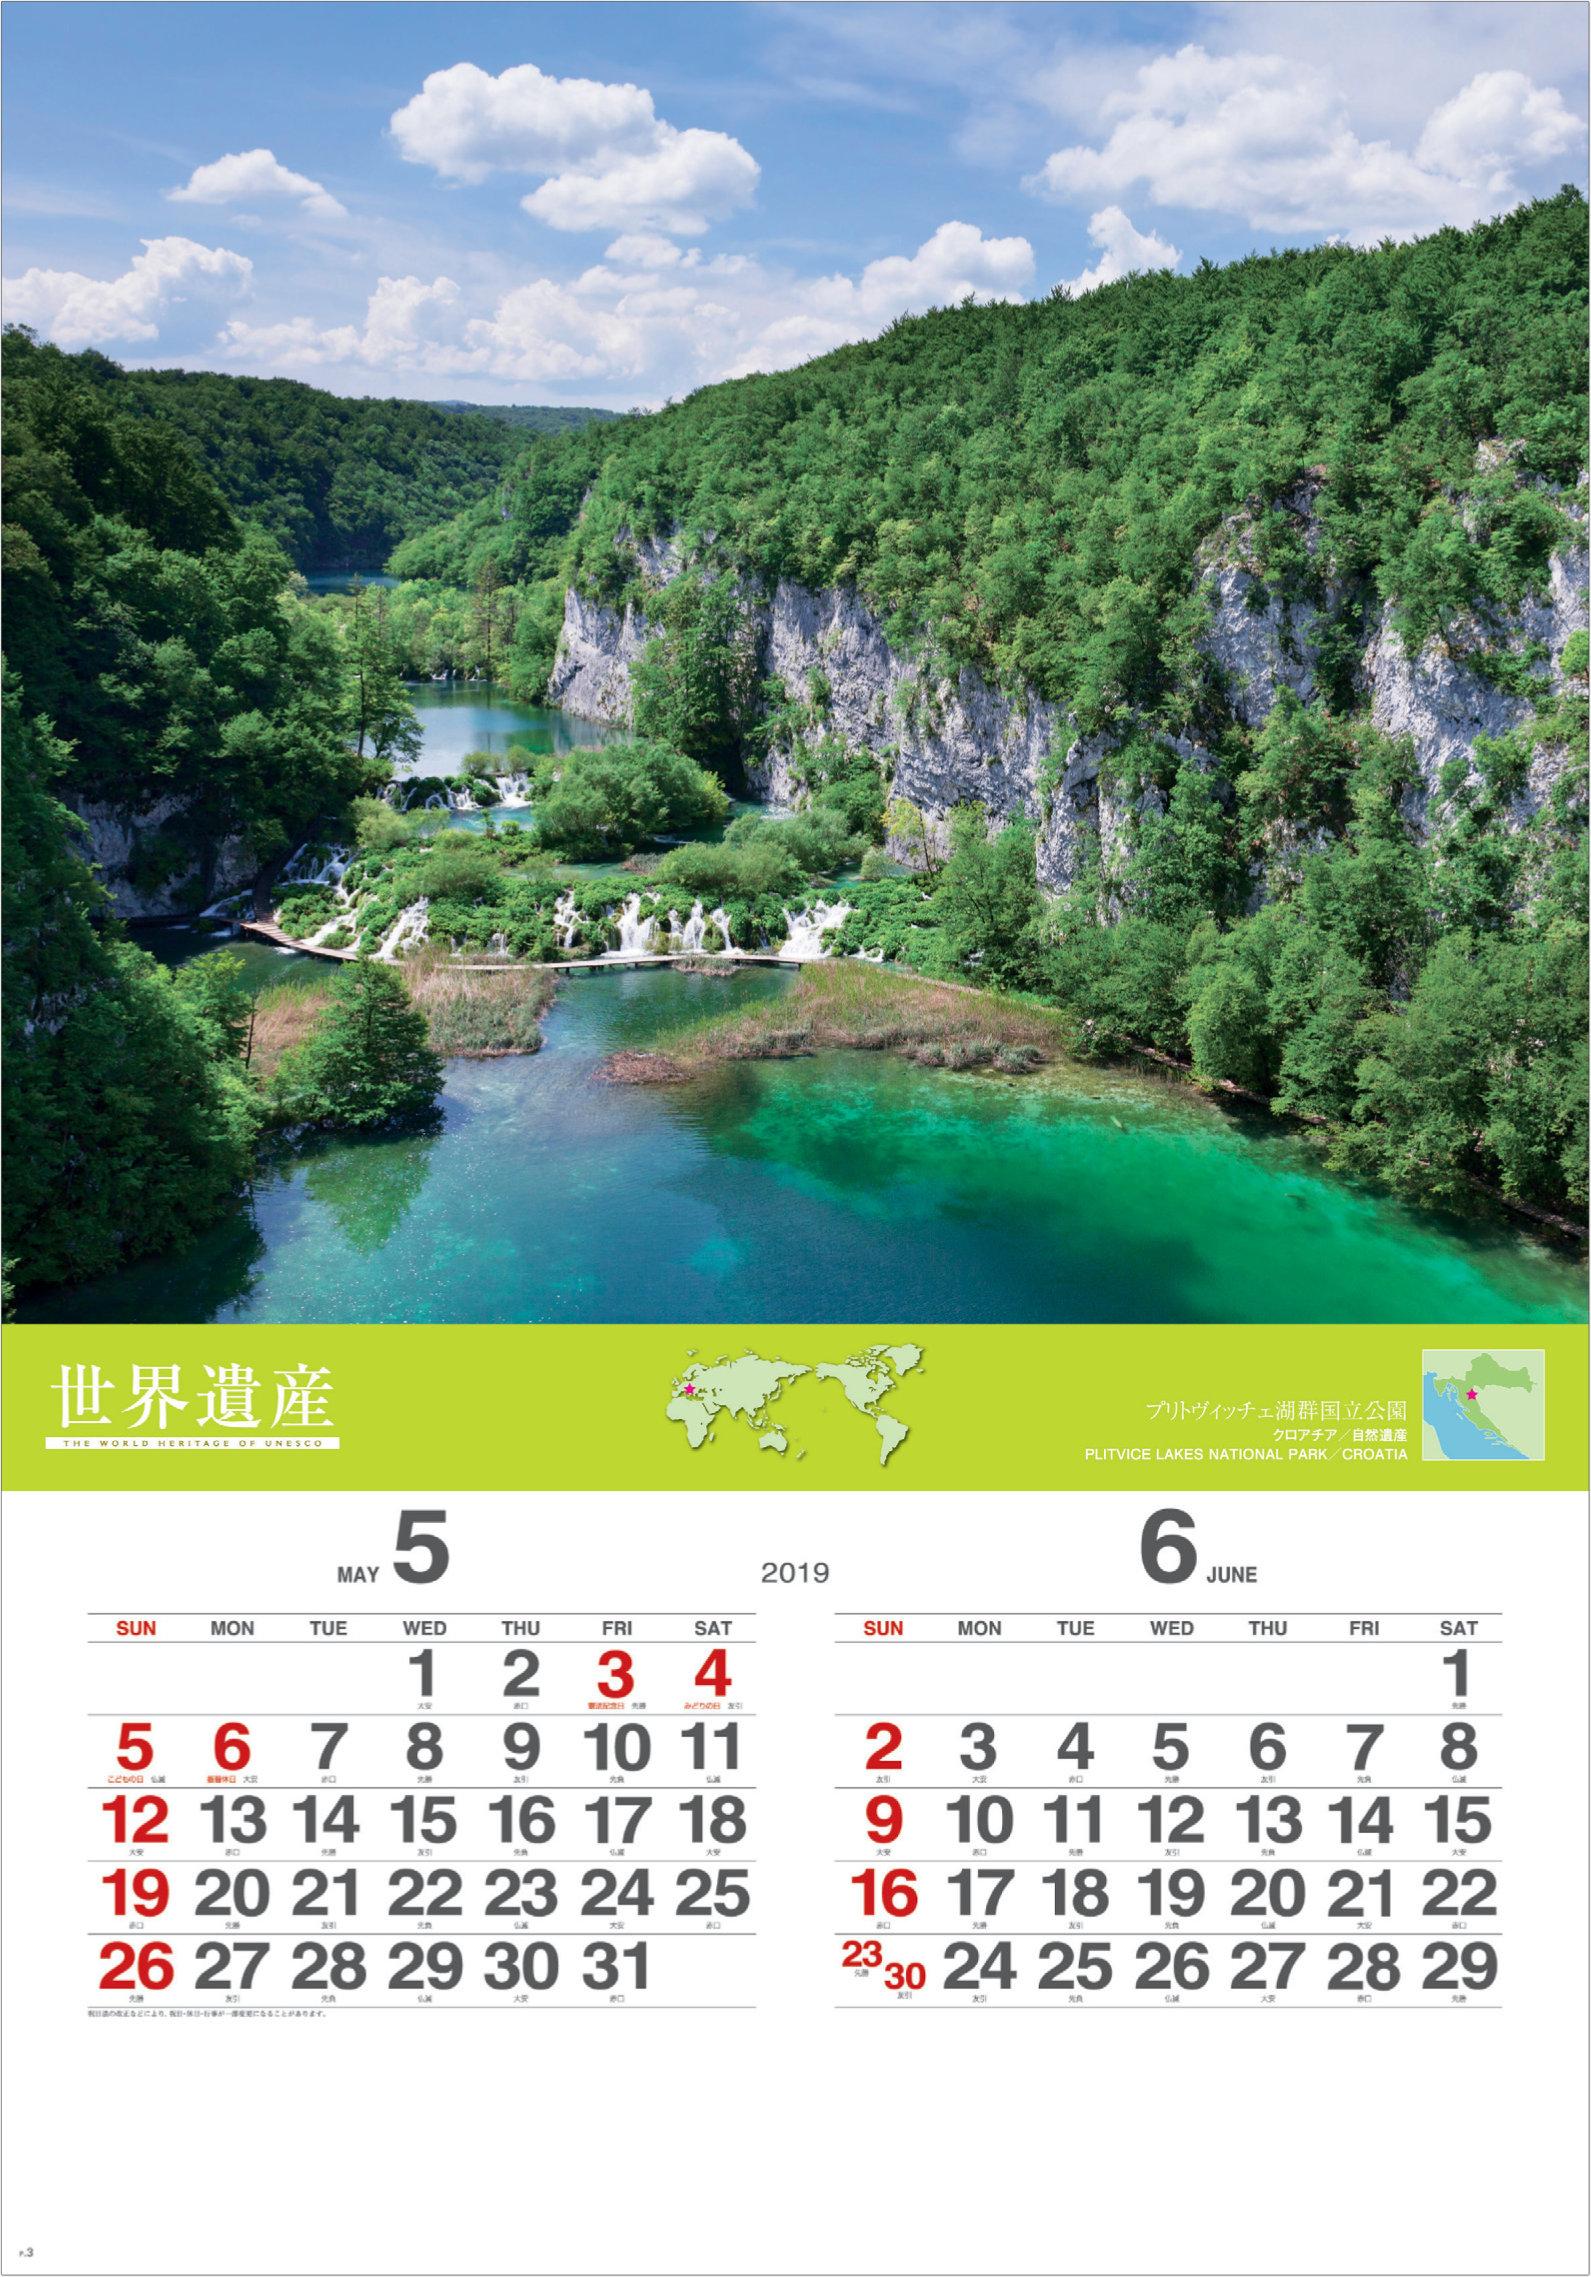 画像:クロアチア世界遺産「プリトヴィッチェ湖群国立公園」 ユネスコ世界遺産(フィルムカレンダー) 2019年カレンダー